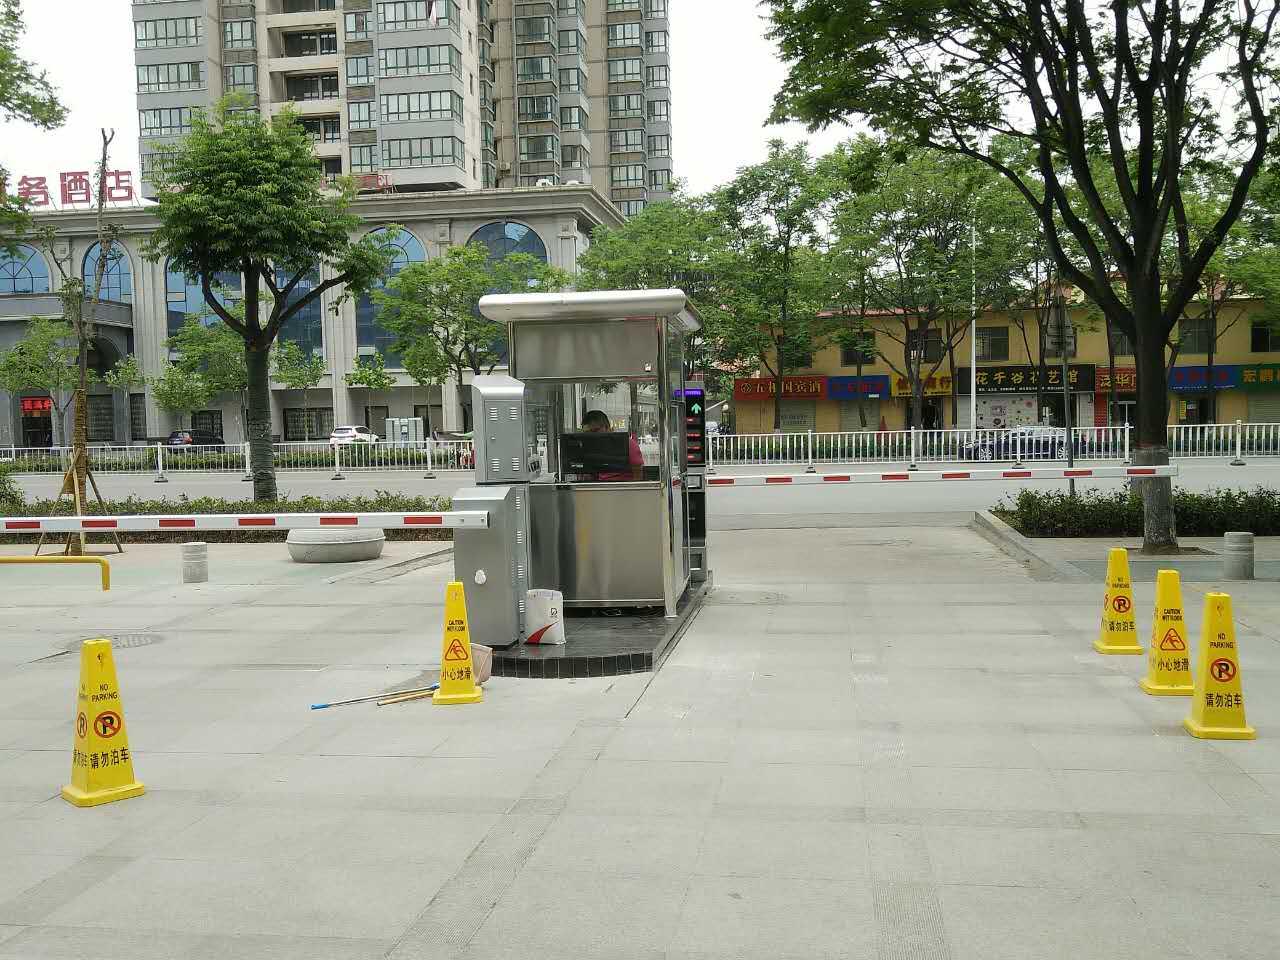 宝鸡电信大厦停车场管理系统安装案例